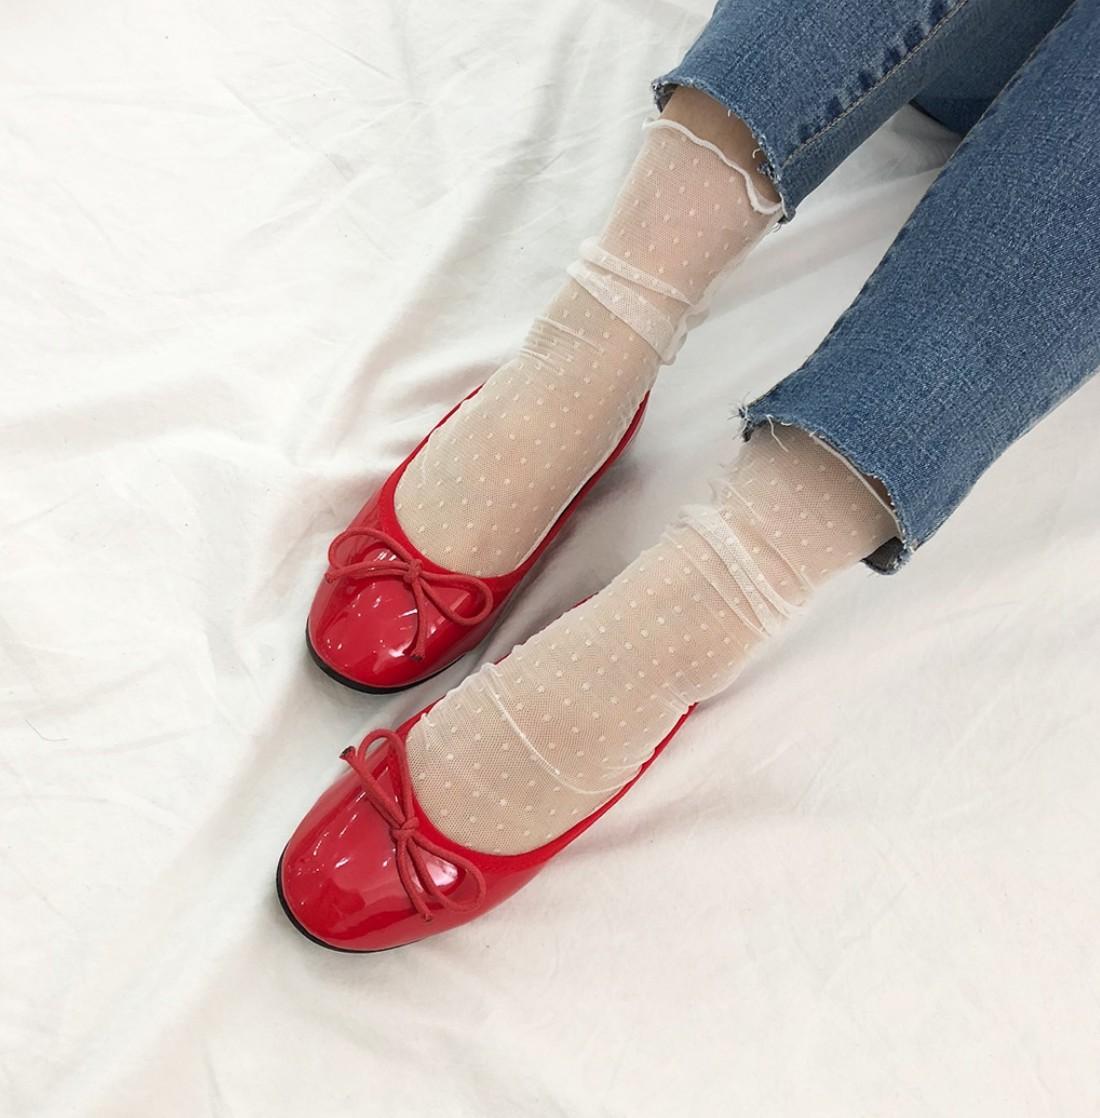 花紋直條紋: 擔心自己的腿看起來不夠纖細嗎?那挑選花色和織紋時就要特別注意了!直條紋或是花樣是以垂直方向發展的圖樣正是你的救星!千萬要避開的地雷就是「粗橫條紋」穿搭有它,想要有顯瘦的腿,連邊都沾不上!